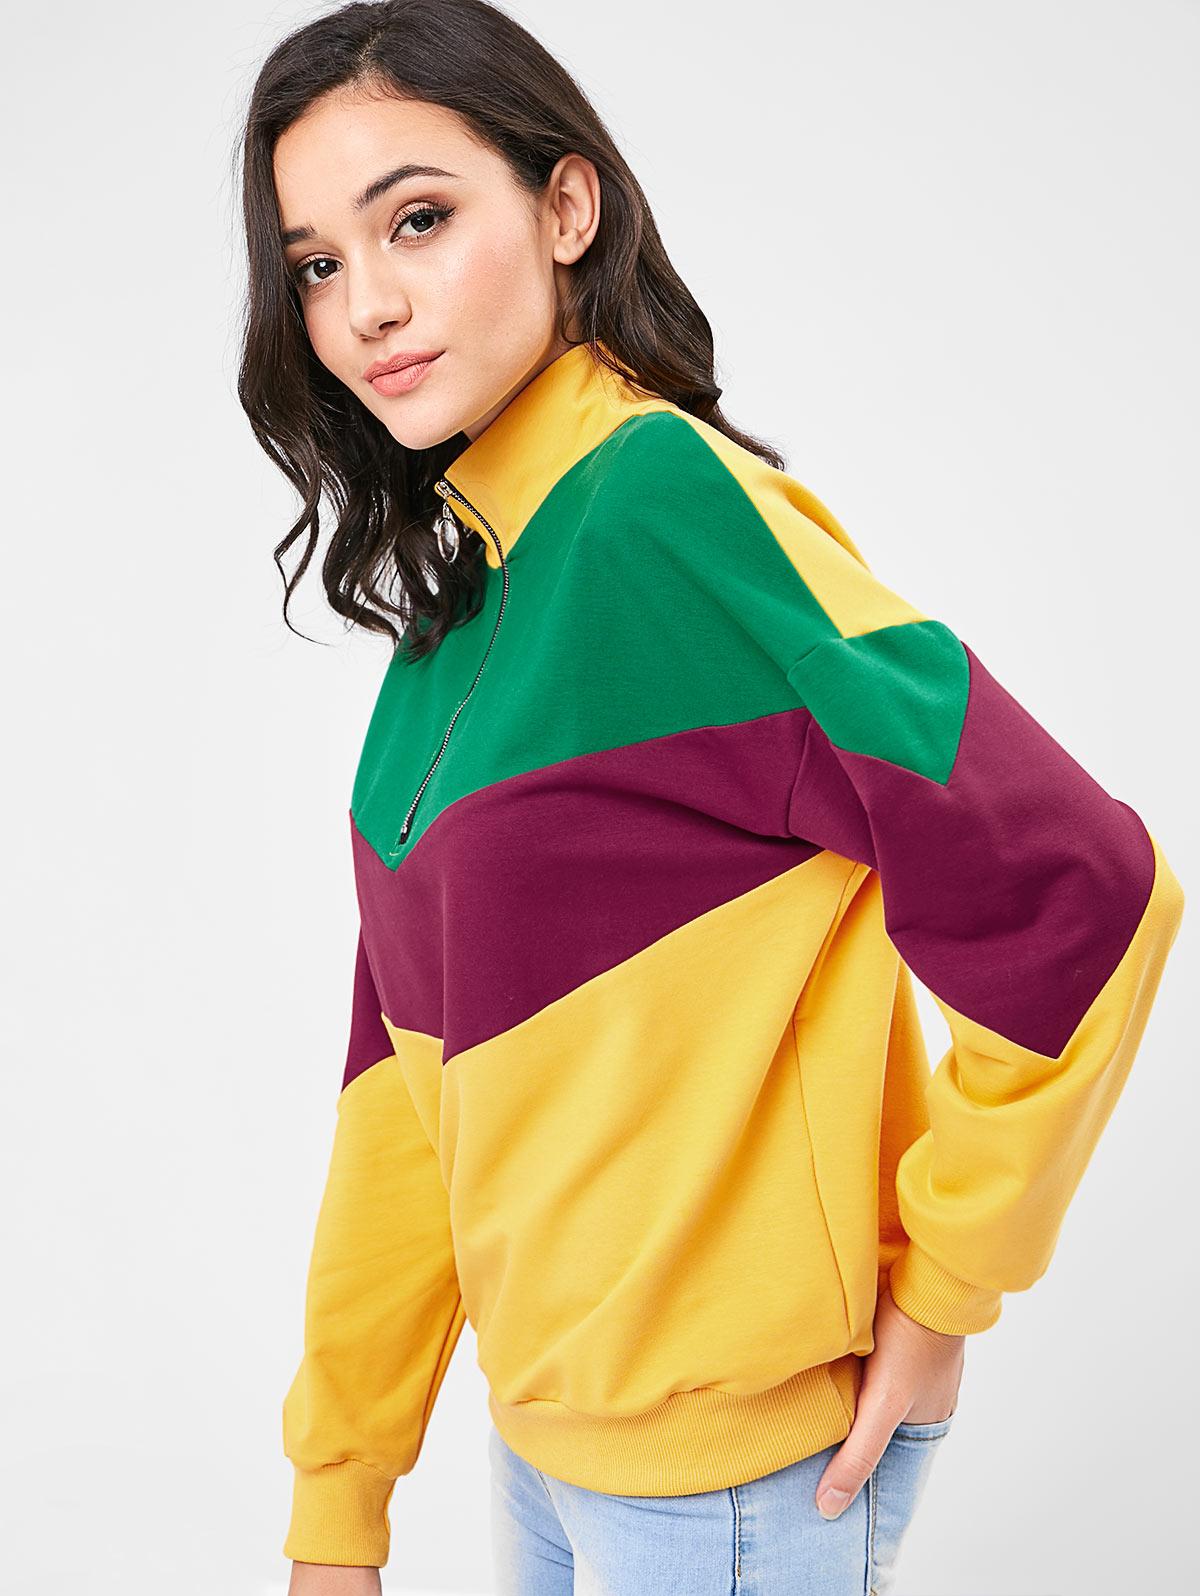 6de6bcd57 Wipalo Contrasting Half Zip Sweatshirt Women Winter Autumn High Neck Drop  Shoulder Color Block Casual Loose Women Hoodies Top-in Hoodies & Sweatshirts  from ...